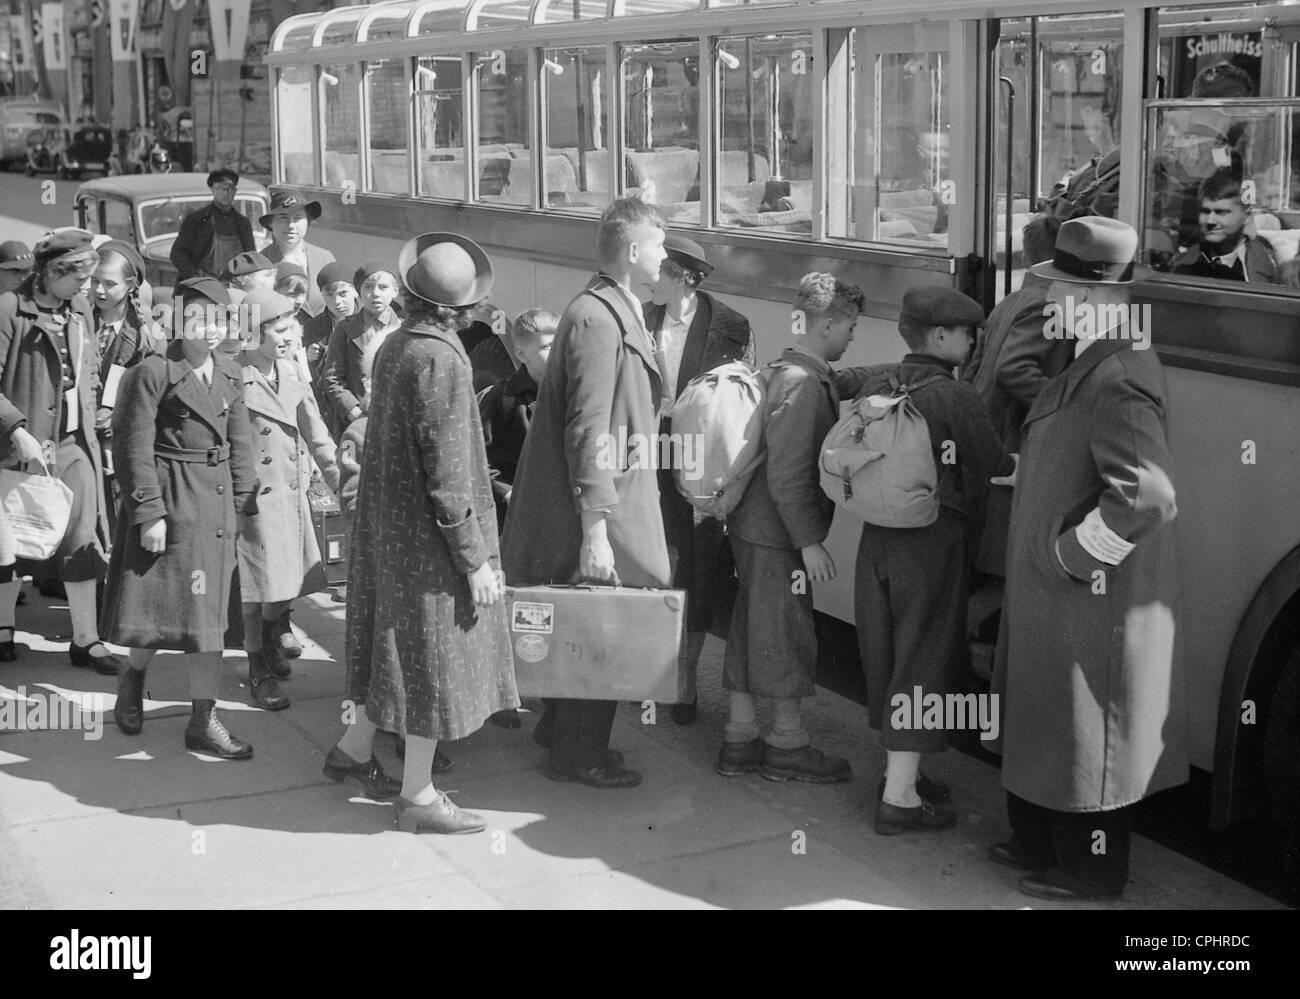 Kinderlandverschickung (sending children to the countryside) in Berlin, 1941 - Stock Image